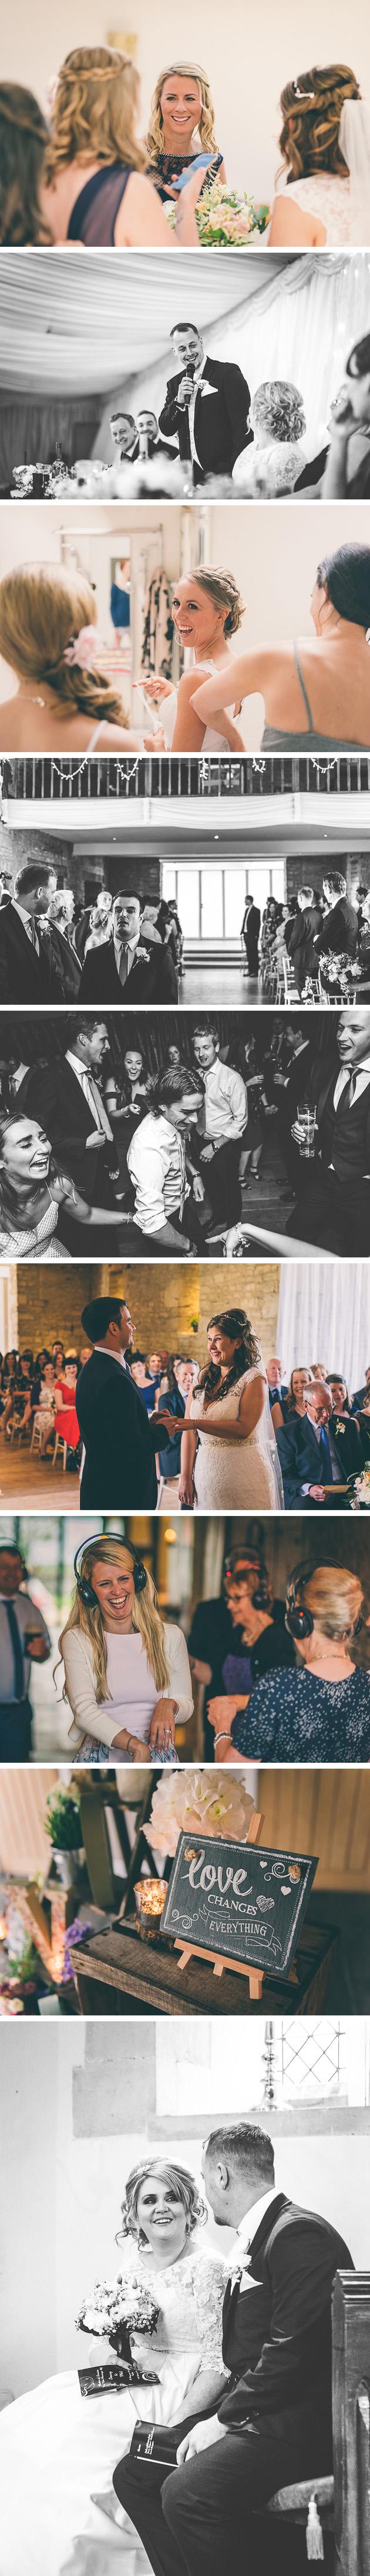 Exchanging rings during wedding